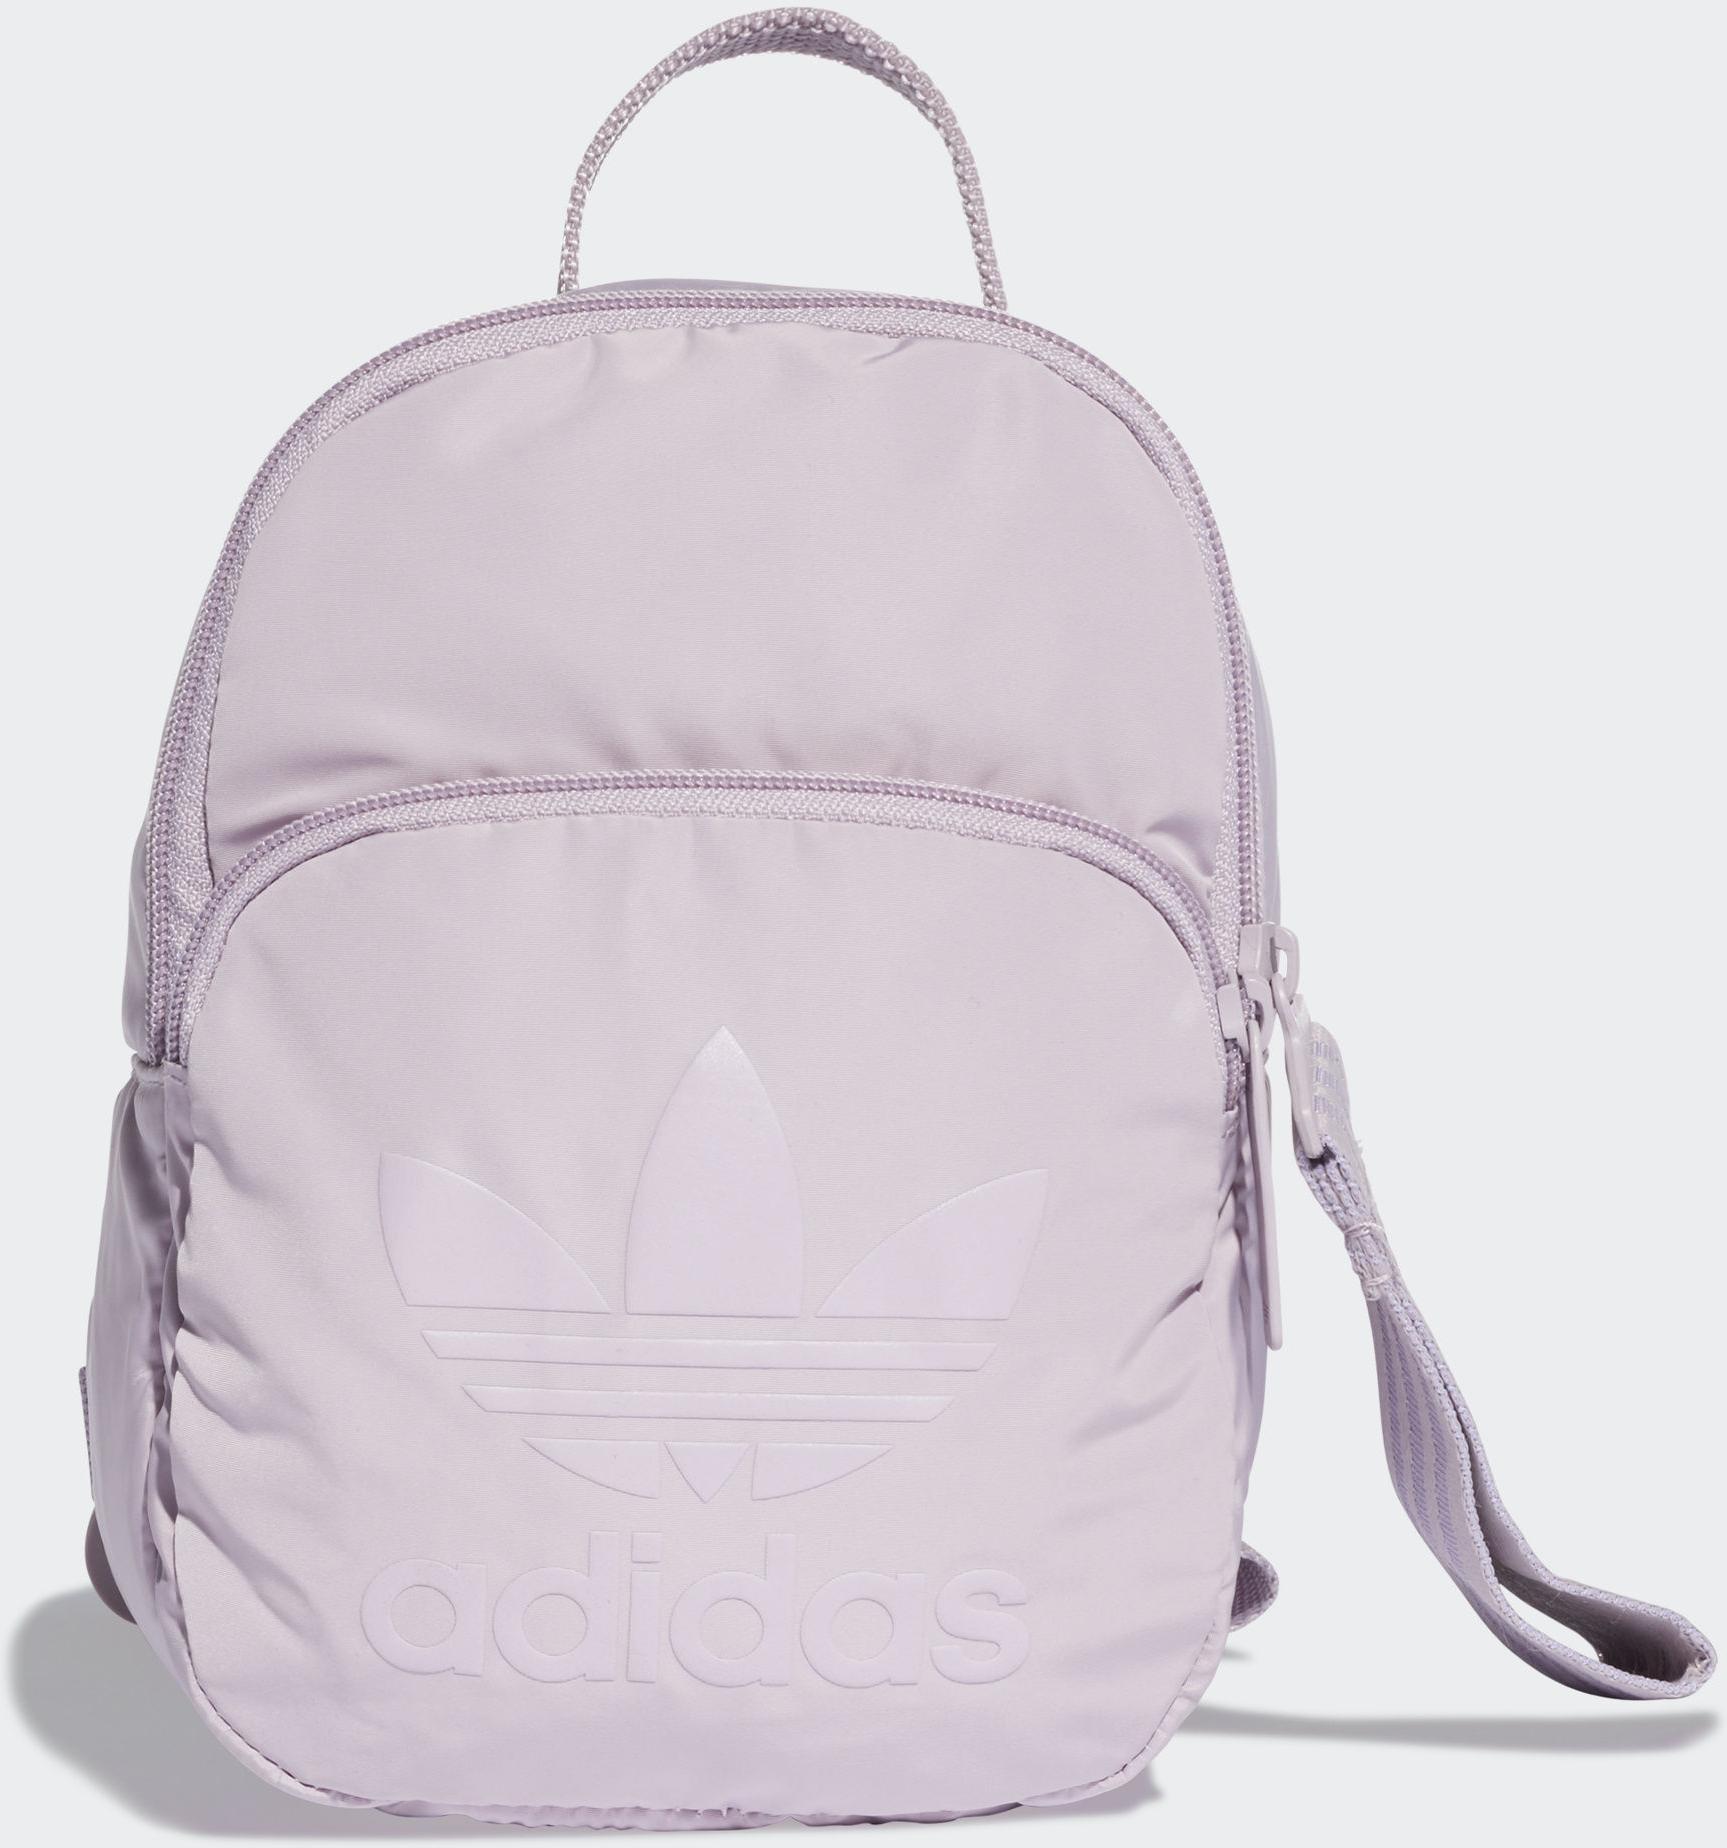 Рюкзак женский Adidas Backpack XS, цвет: сиреневый. DV0213 рюкзак adidas harden backpack dw4716 черный